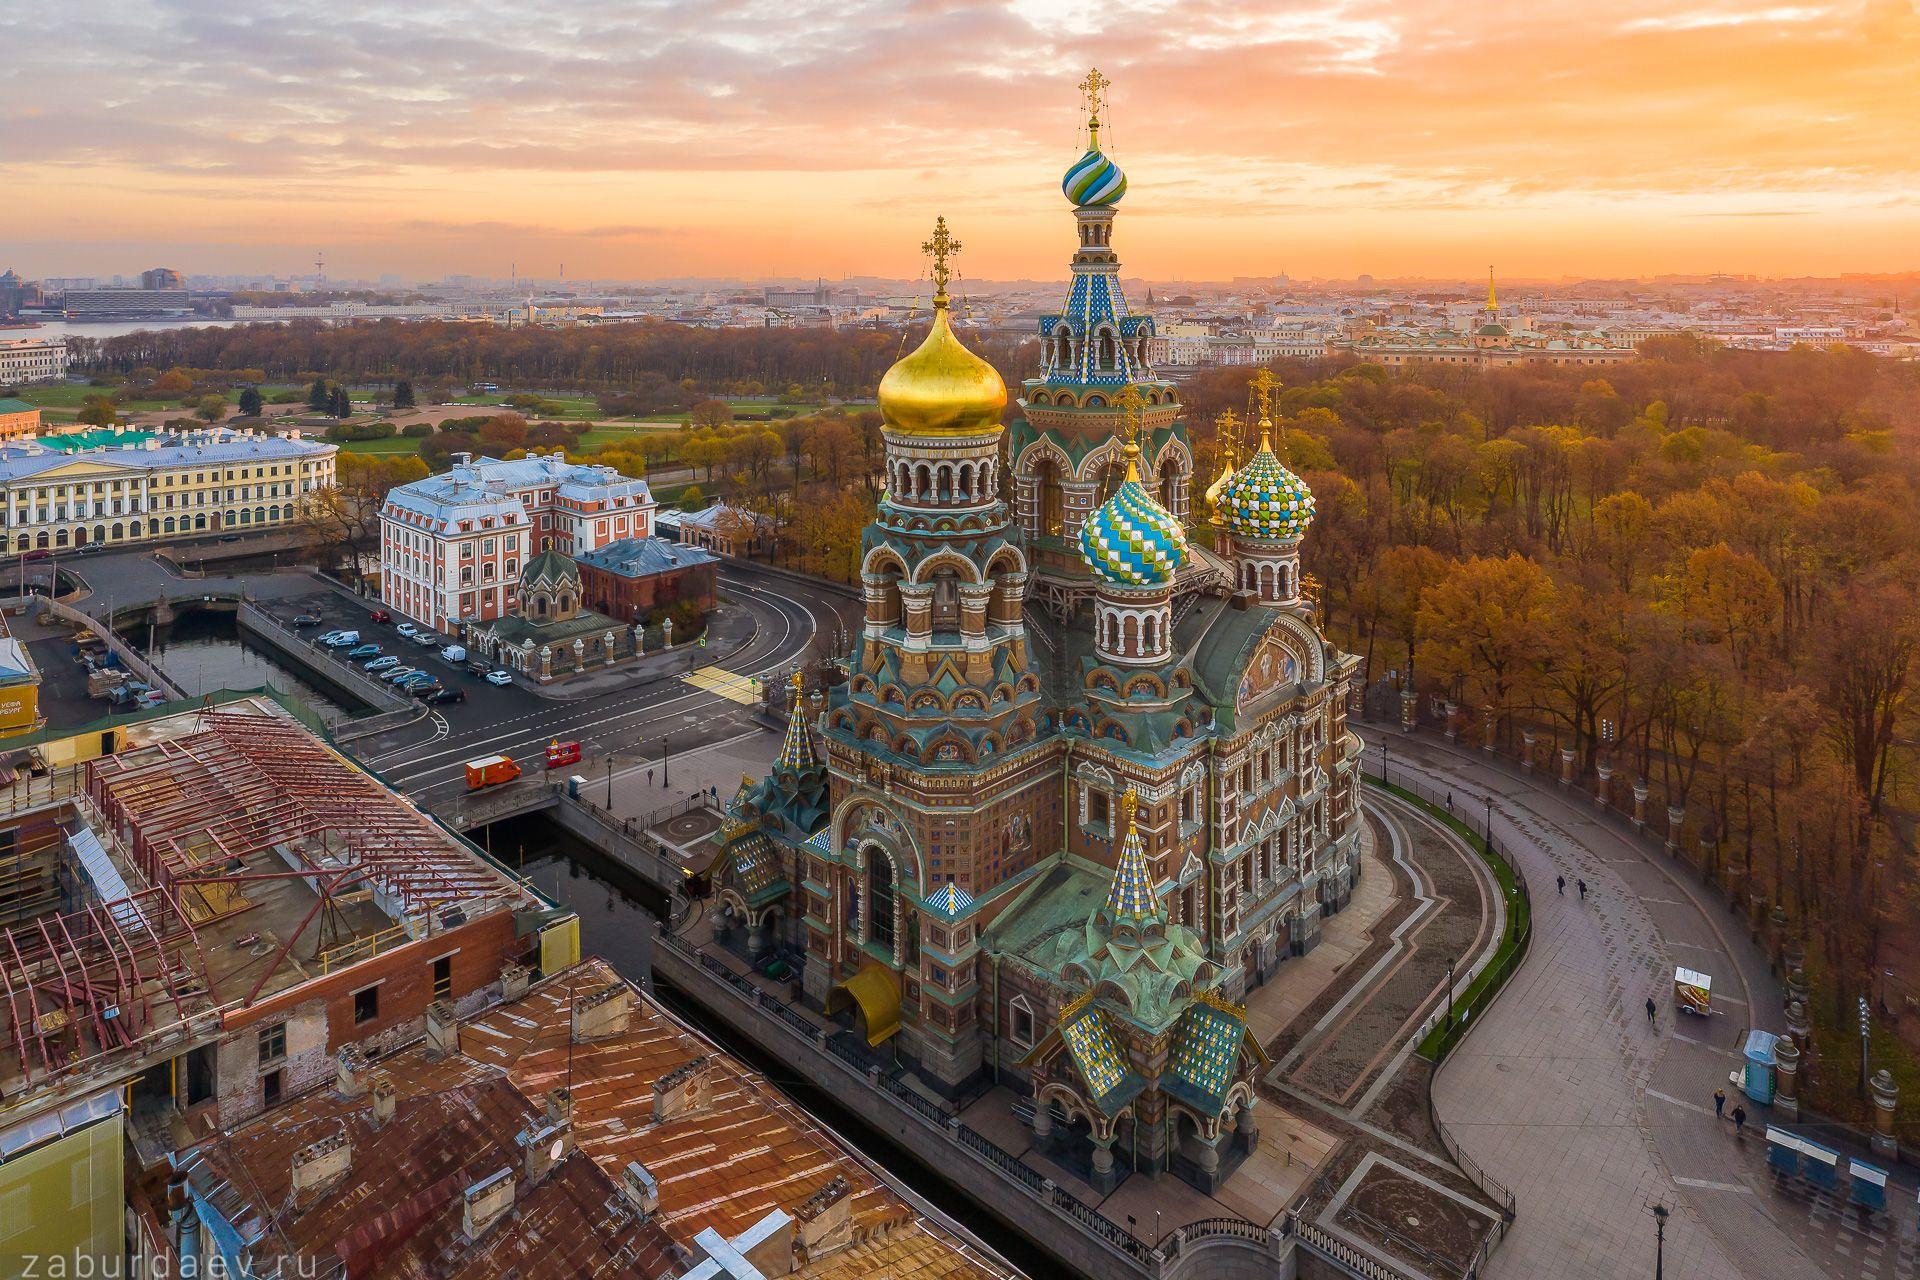 россия, петербург, осень, рассвет, Станислав Забурдаев